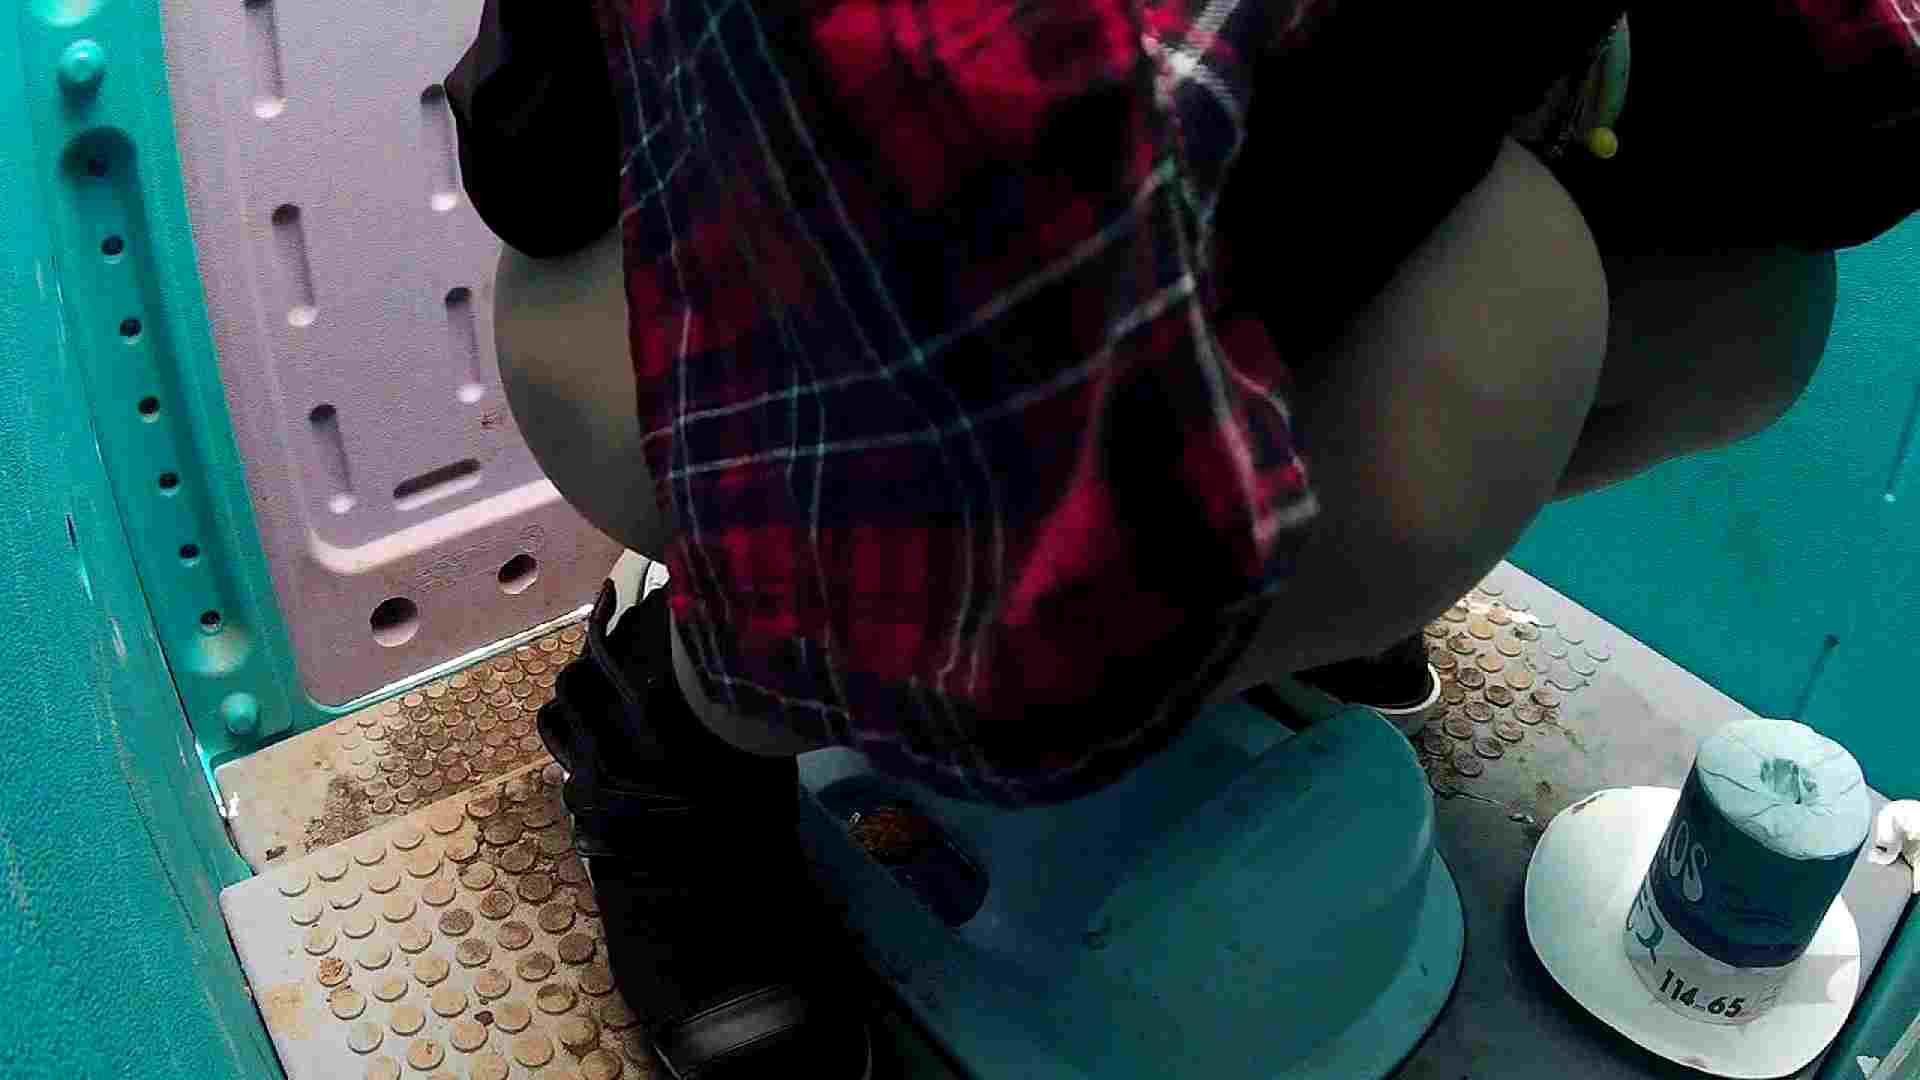 痴態洗面所 Vol.06 中が「マジヤバいヨネ!」洗面所 OLのボディ | 洗面所  49PIX 19